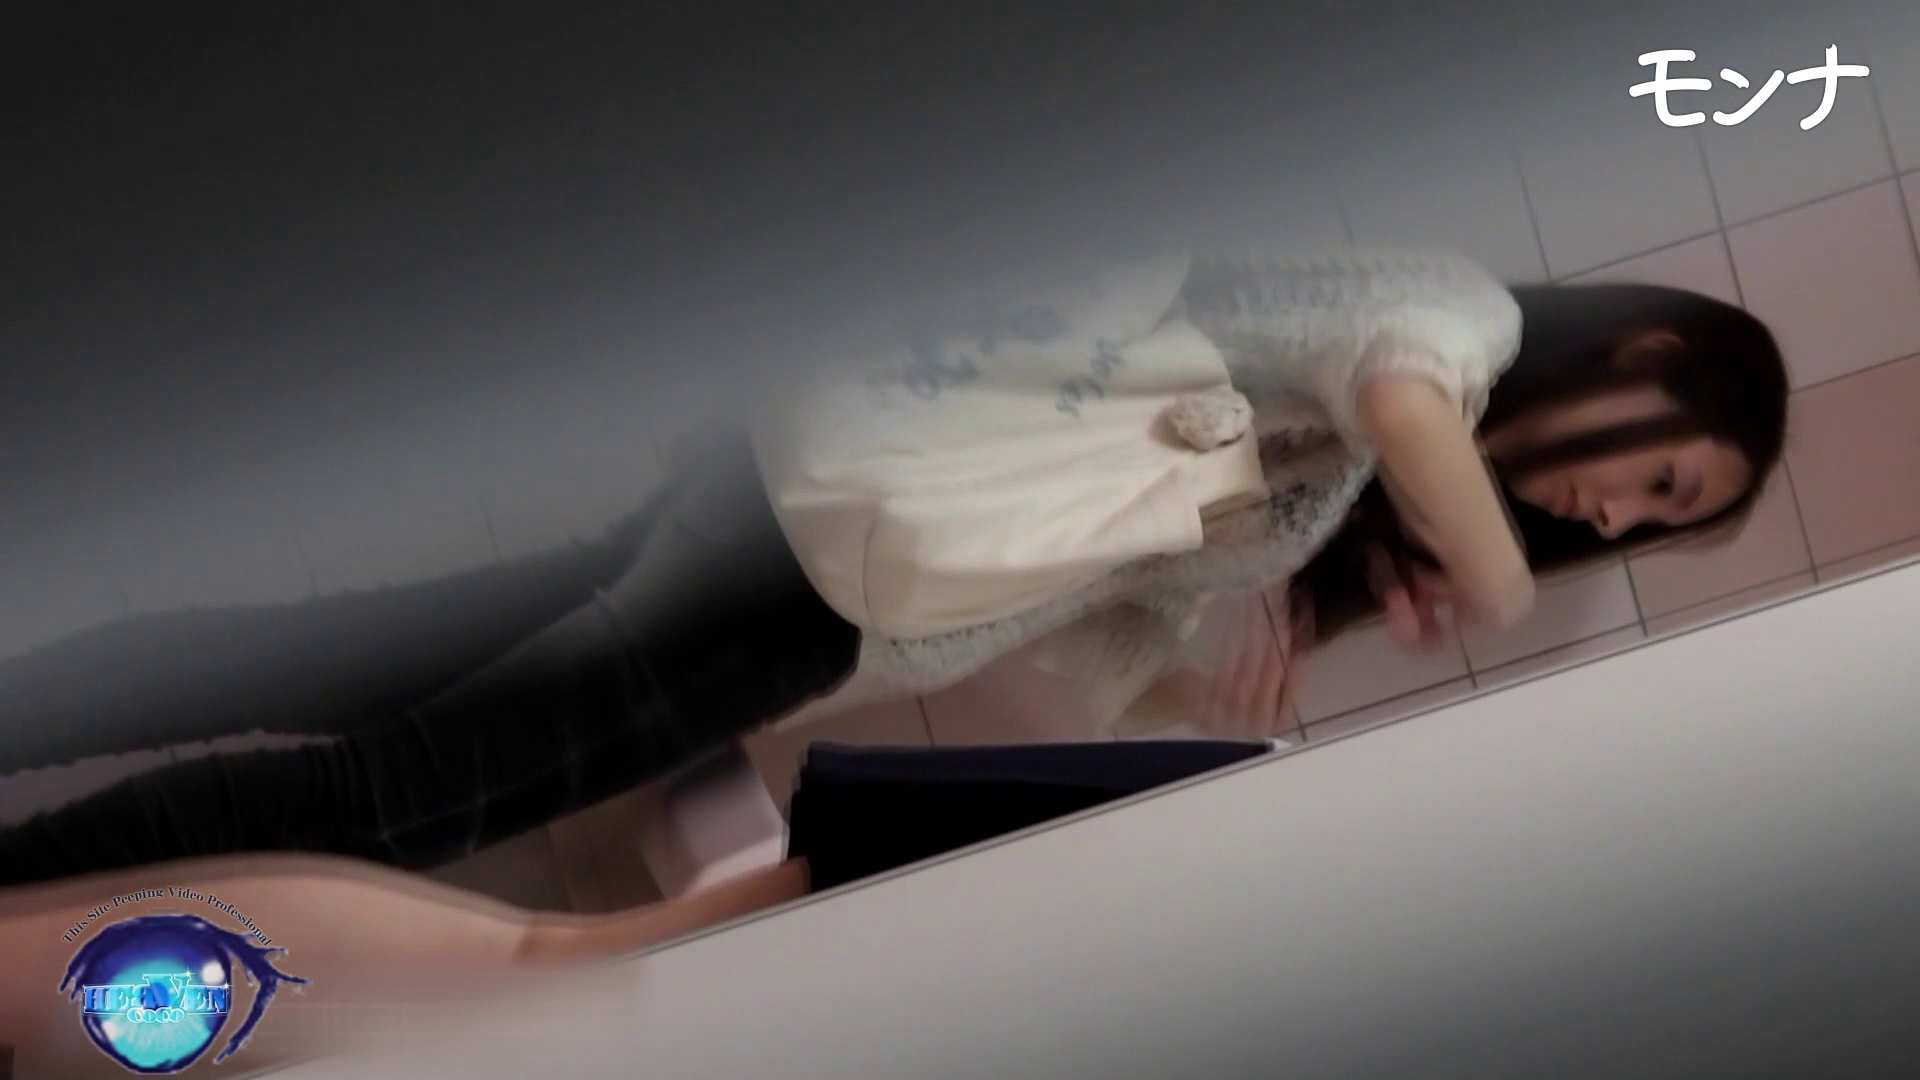 【美しい日本の未来】美しい日本の未来 No.87前編 お尻 | アナル無修正  106pic 23